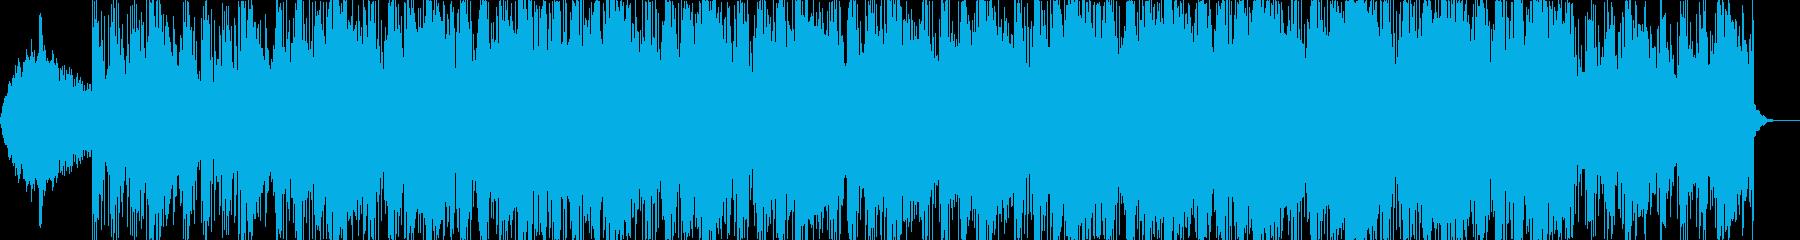 映画音楽、シネマティック映像向け-12の再生済みの波形